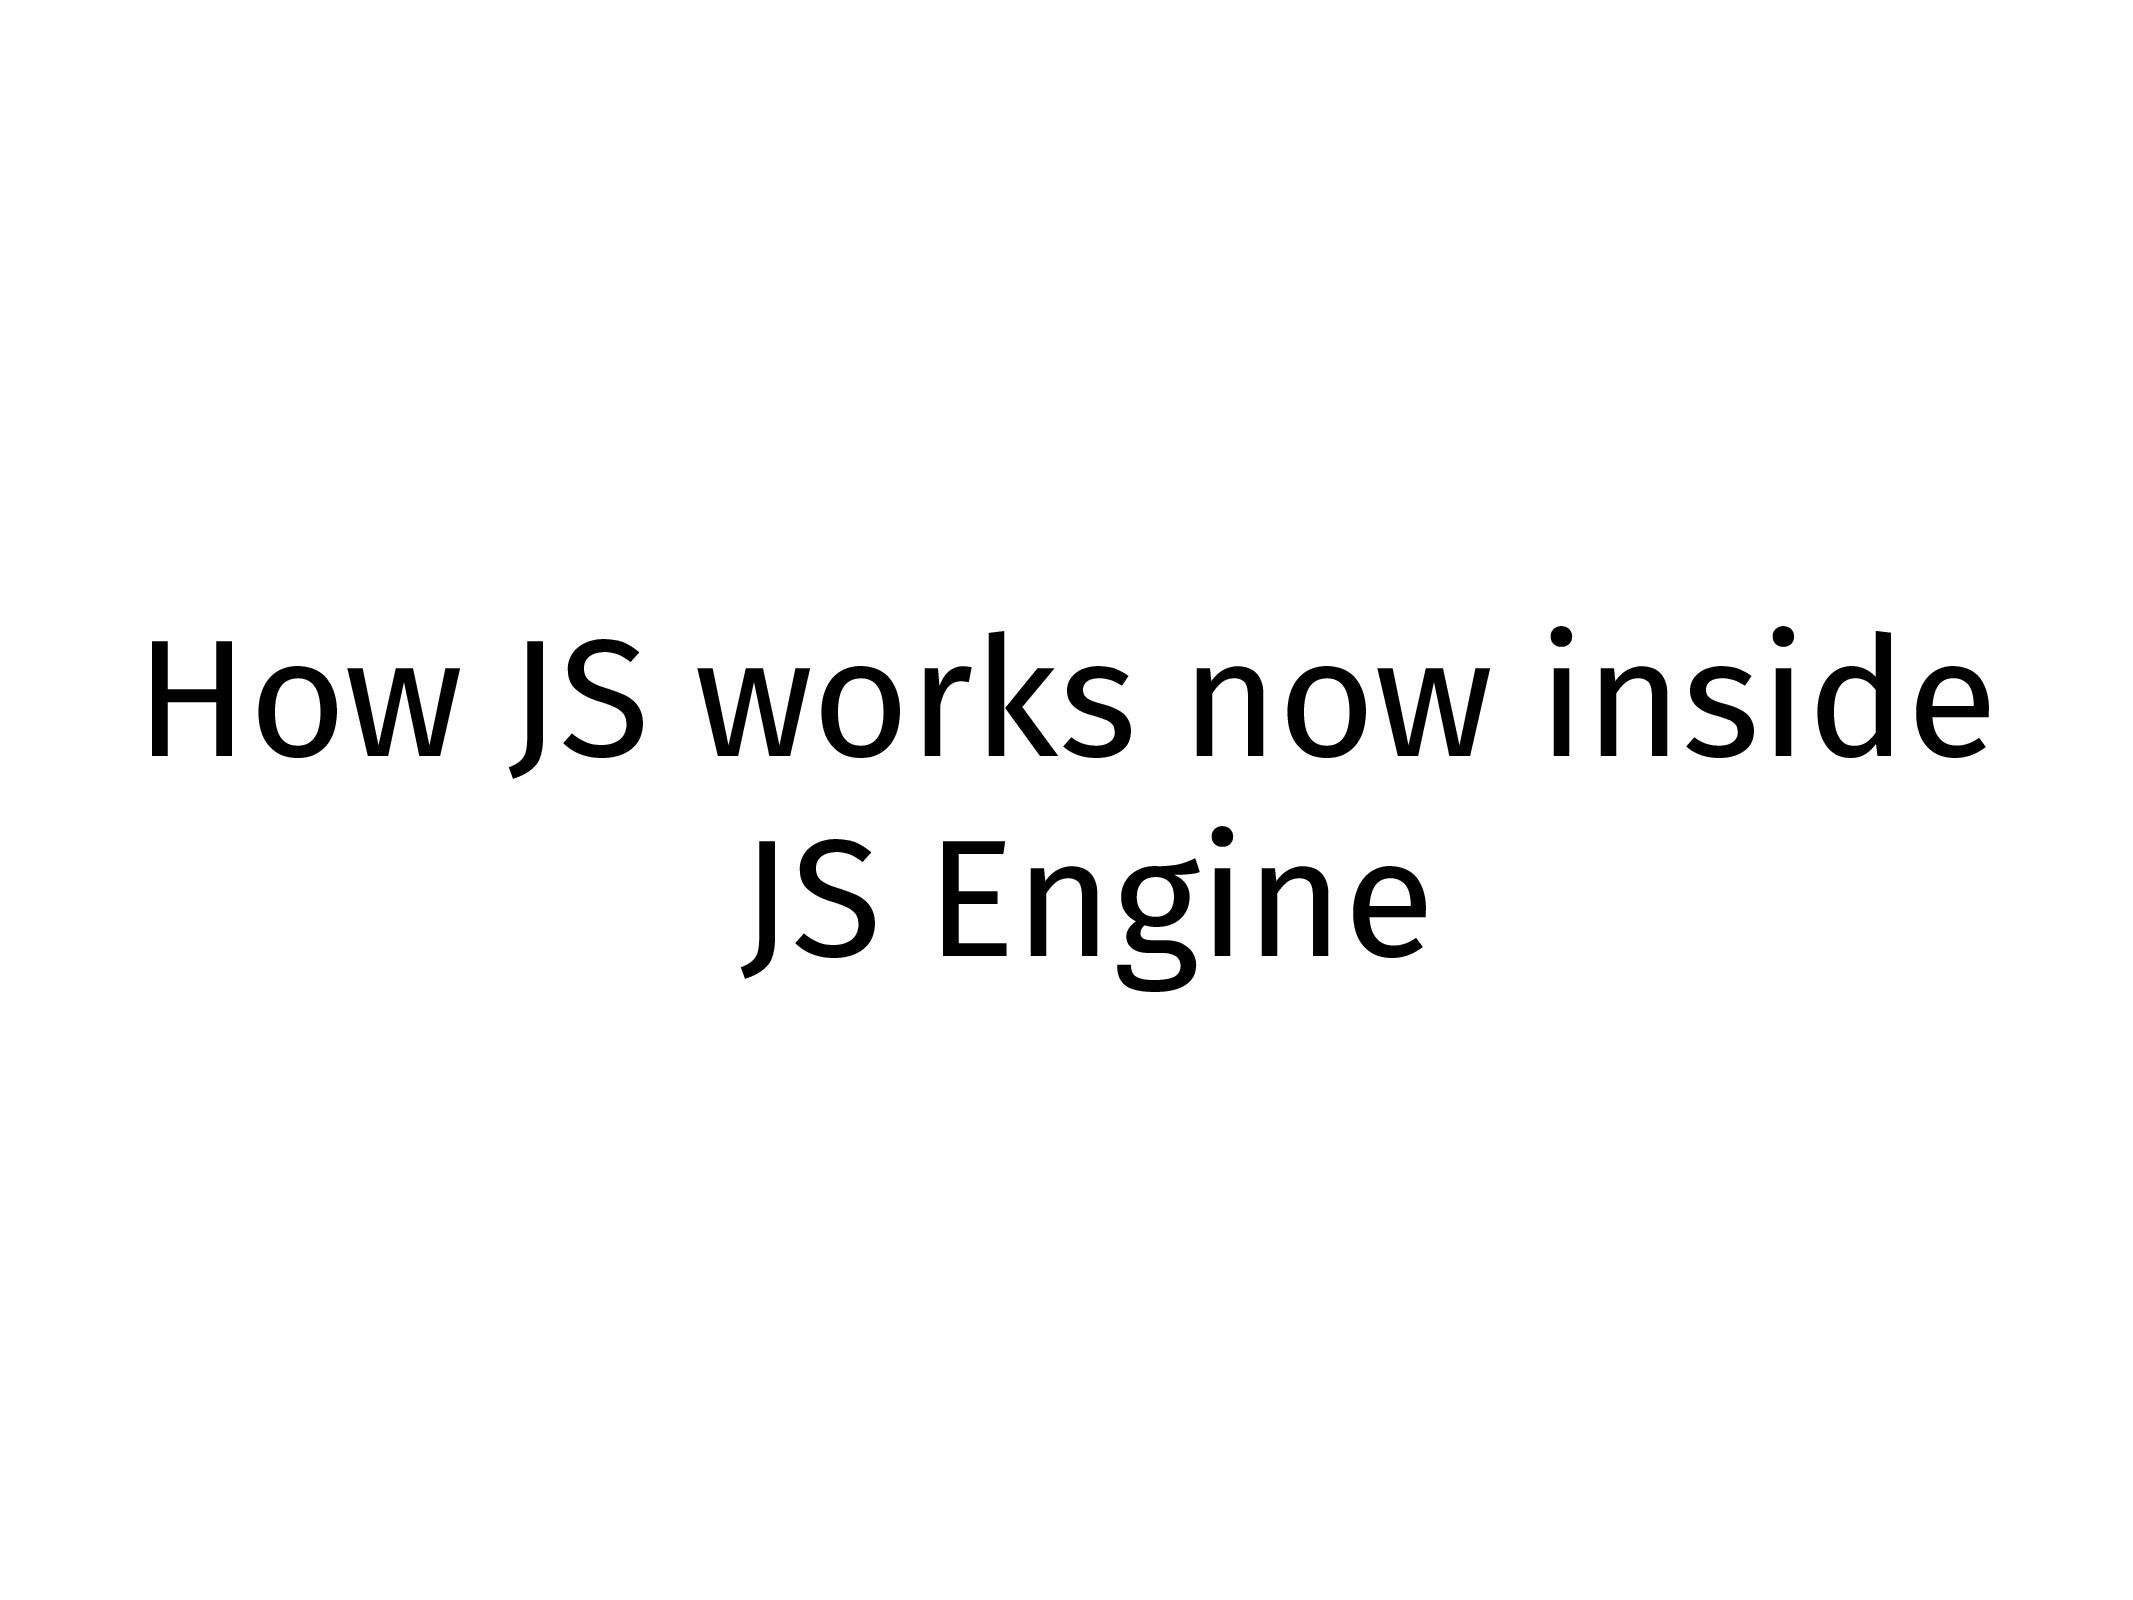 How JS works now inside JS Engine